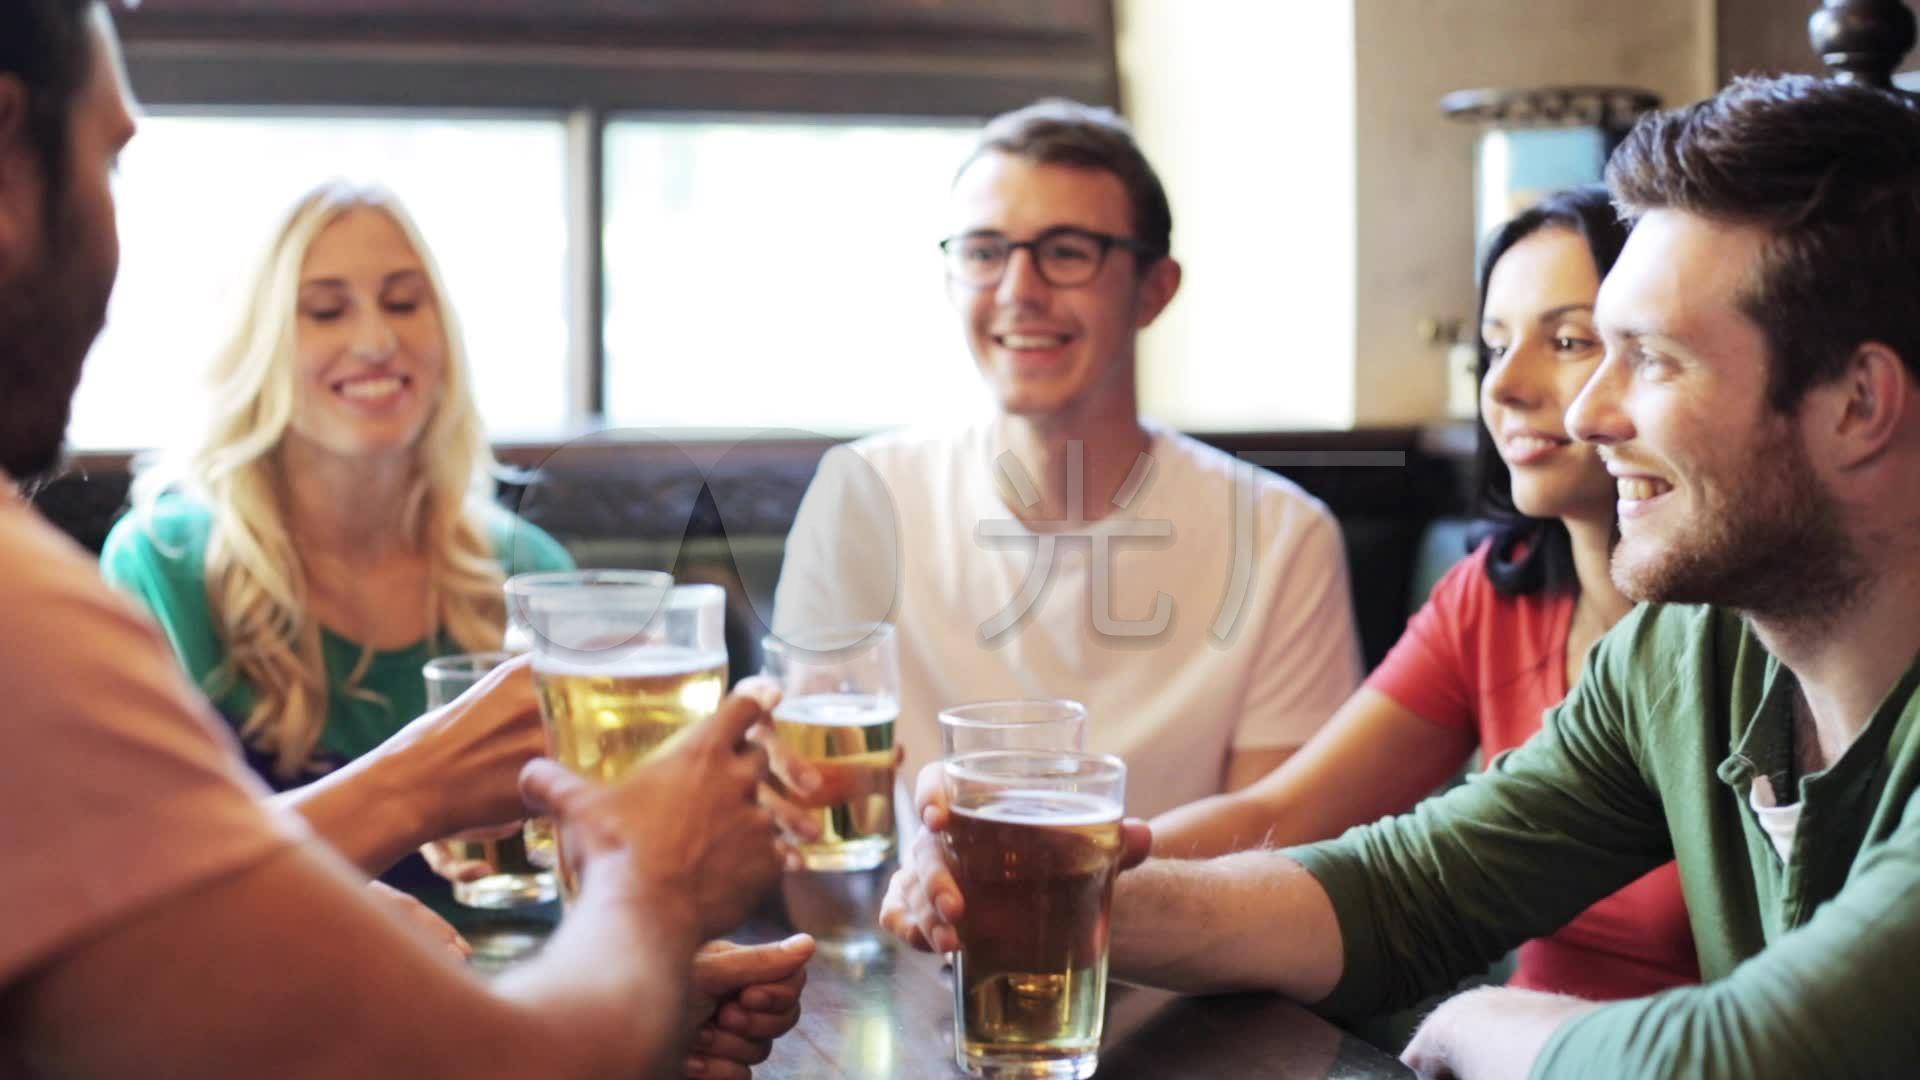 喝啤酒球迷朋友酒吧看球赛_1920X1080_高清